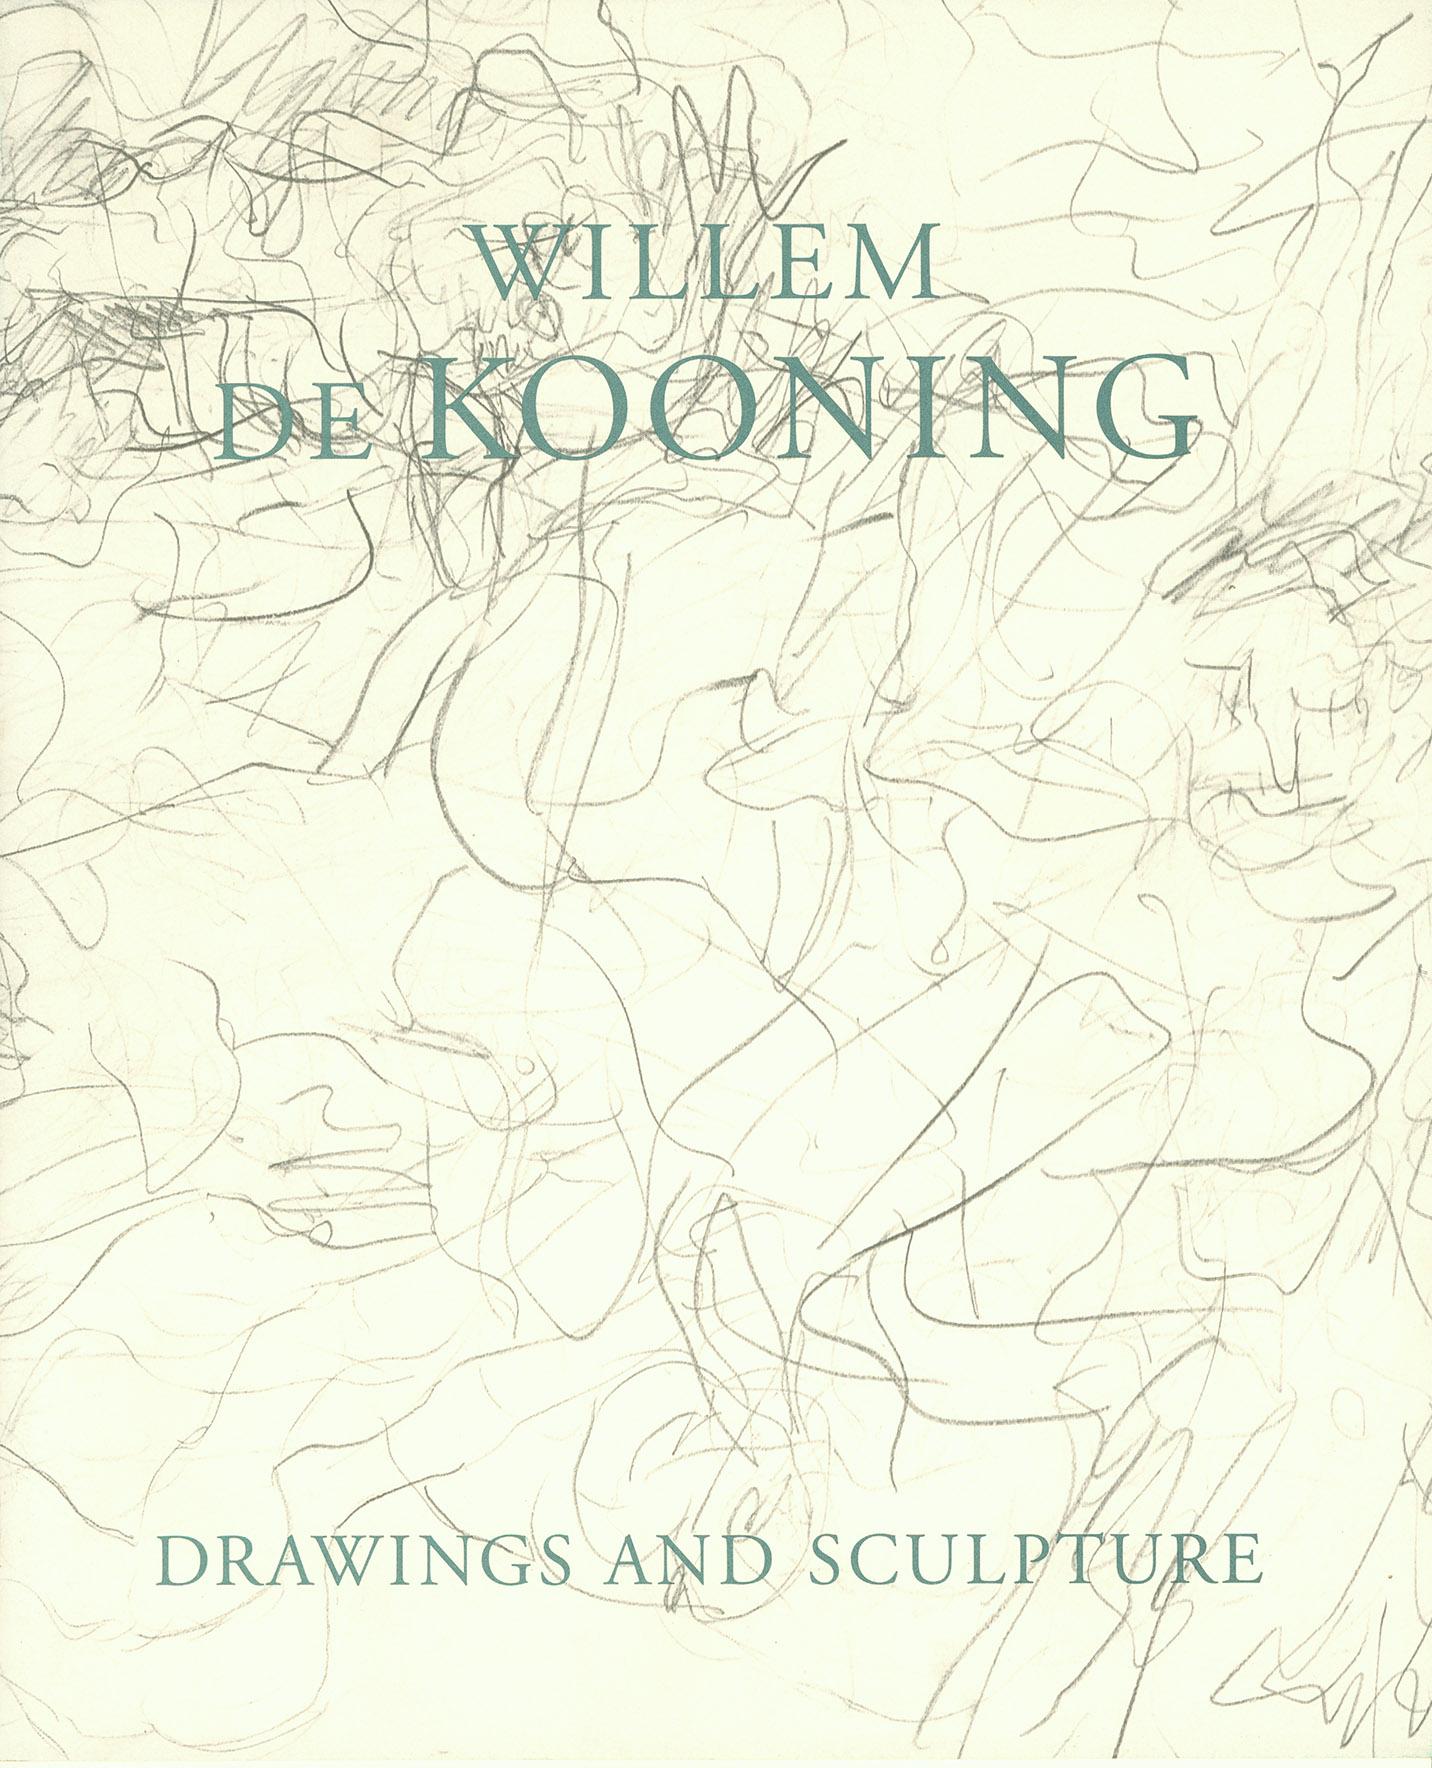 de Kooning_DrawSculpt_1998.jpg